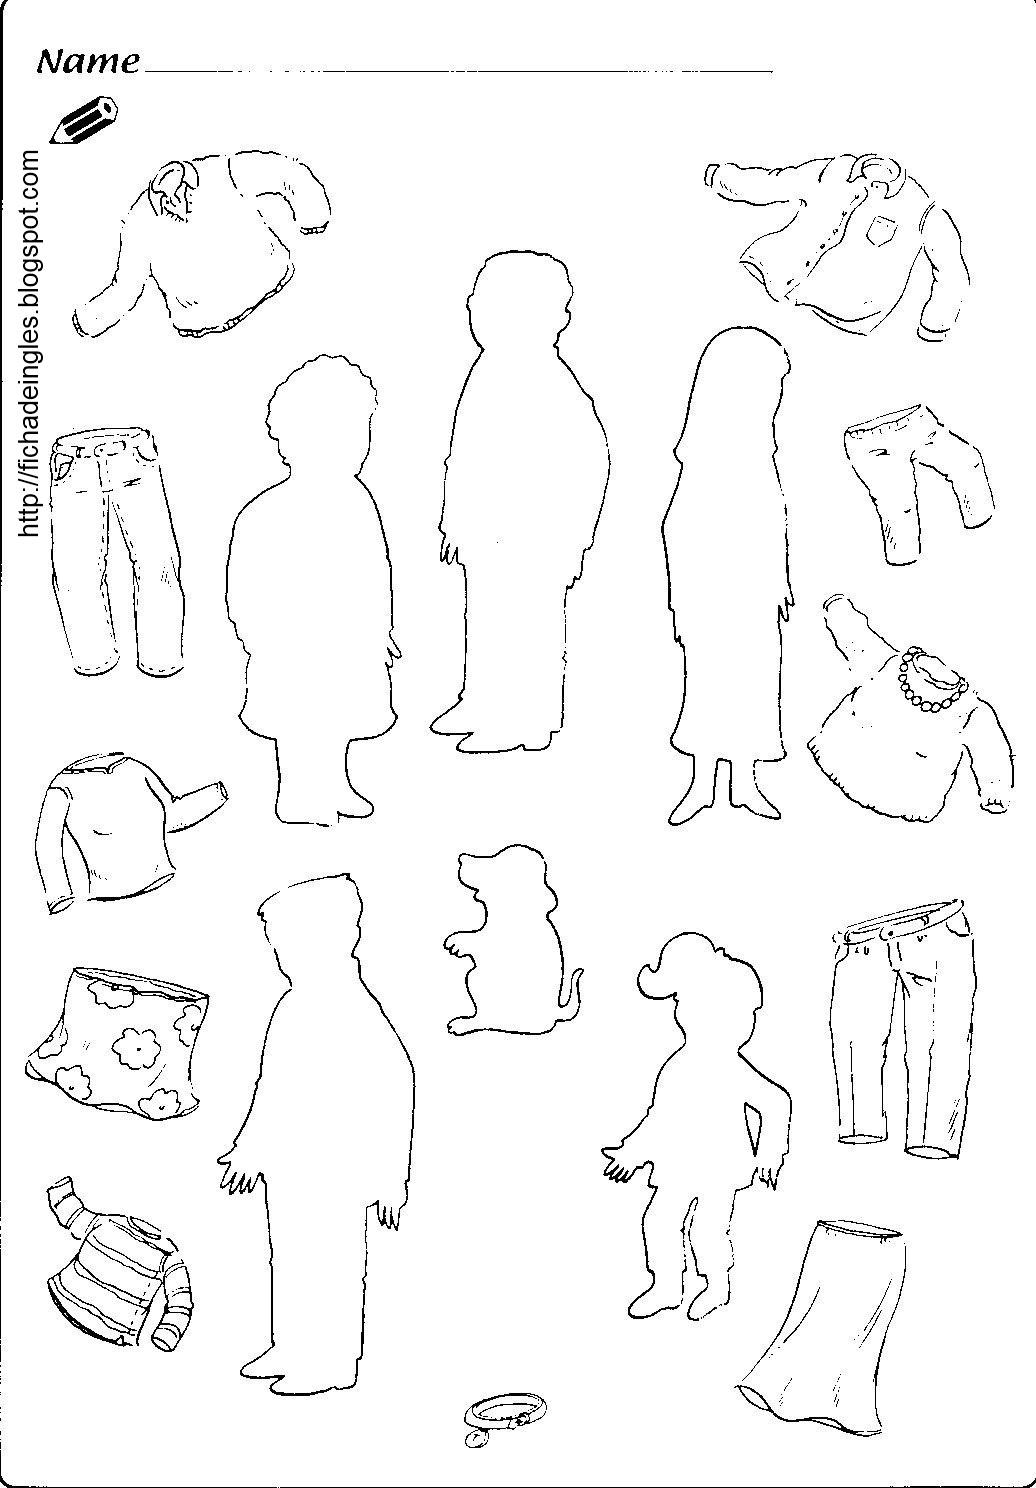 Dibujos para colorear Animales - Dibujos de Animales